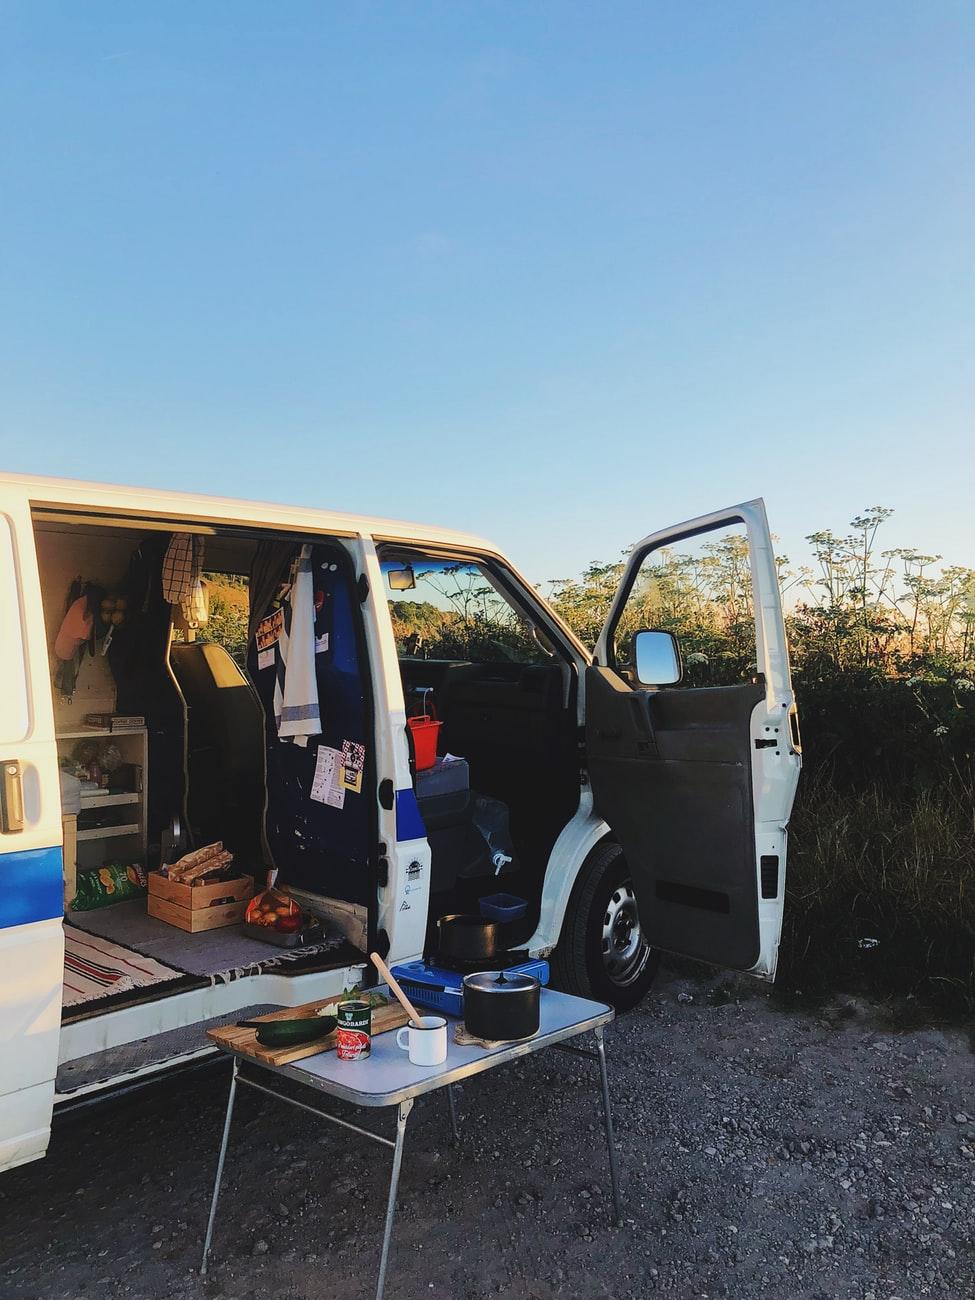 preparare il tuo viaggio in camper